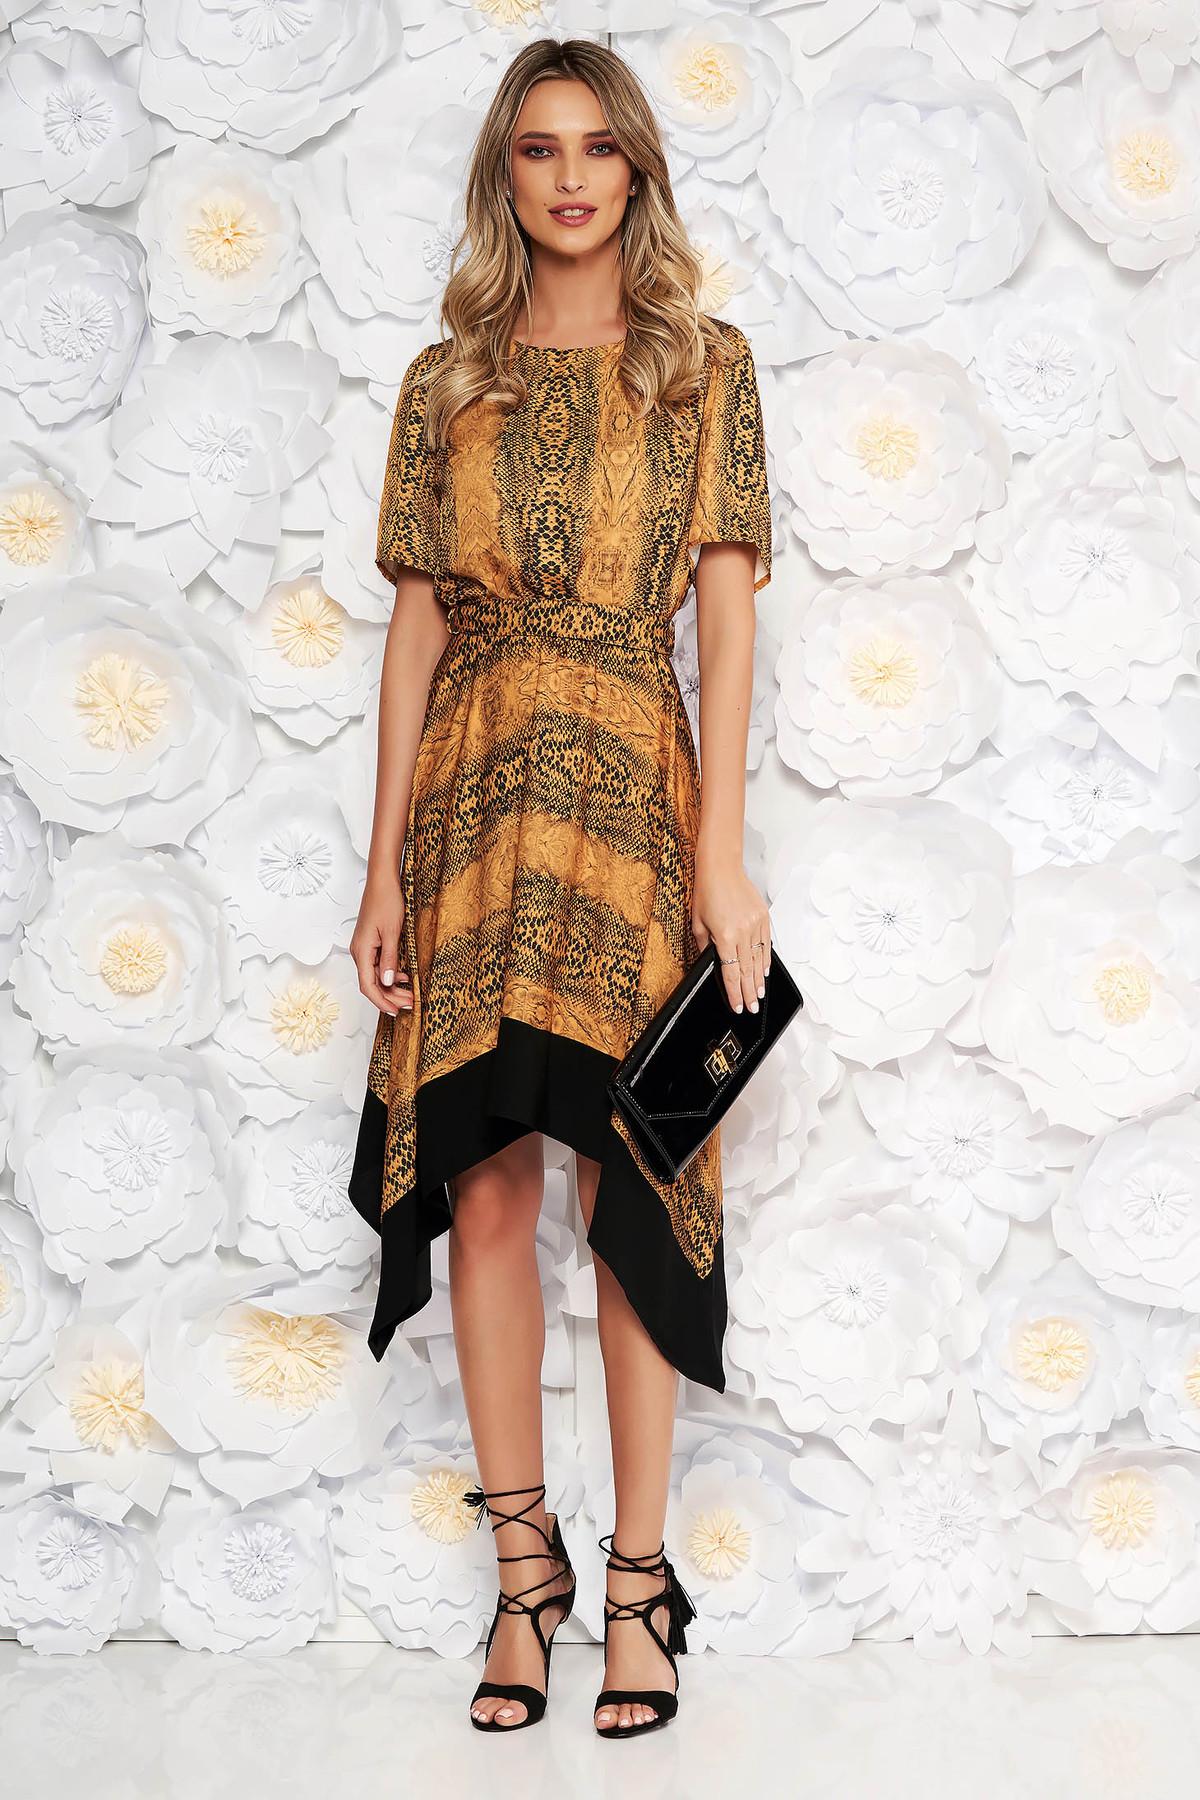 Rochie mustarie asimetrica in clos cu elastic in talie cu maneci scurte accesorizata cu cordon